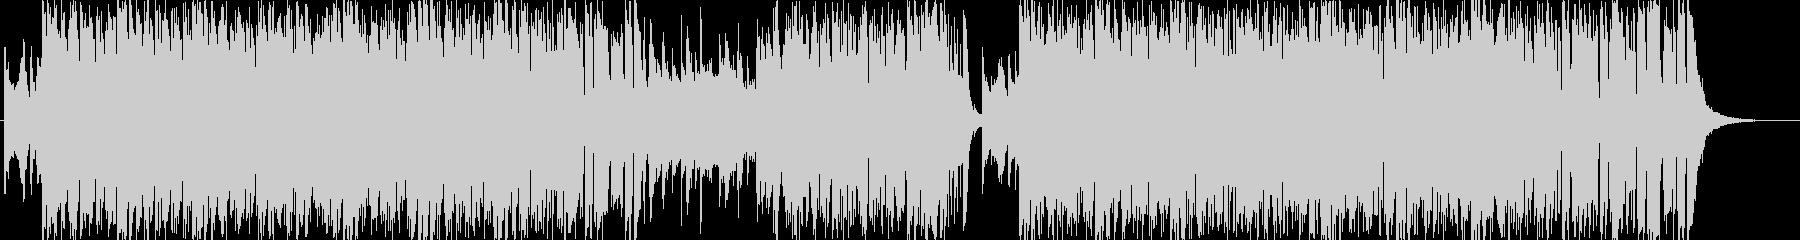 情熱的なノリノリラテン風サンバの未再生の波形